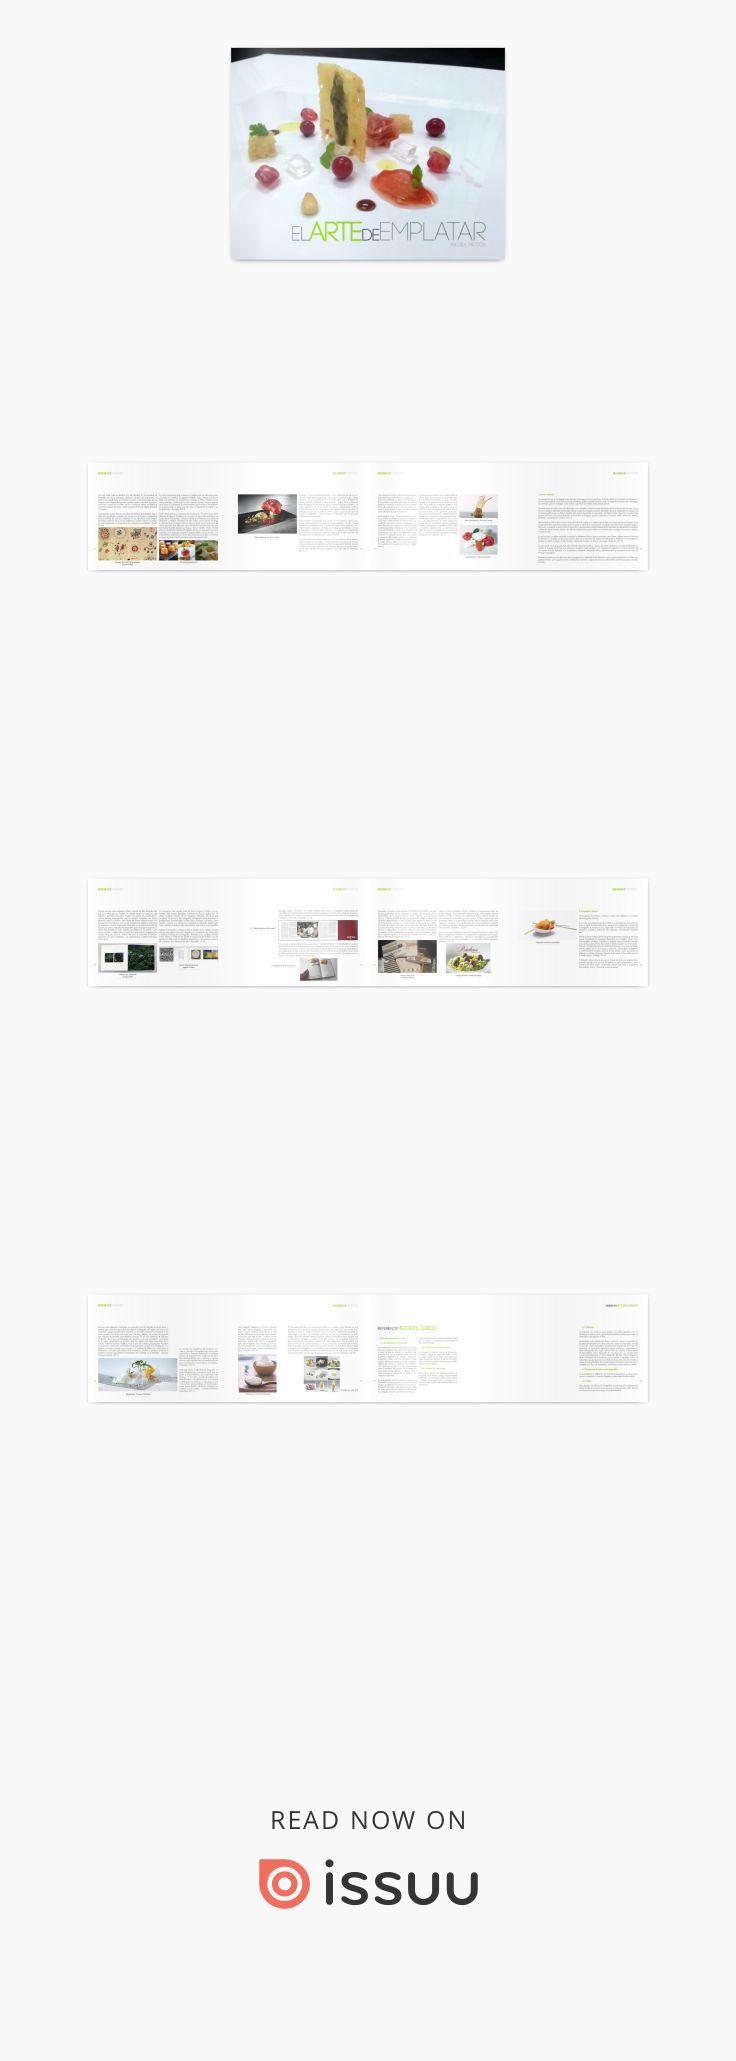 El propósito general de este proyecto de investigación es diseñar un libro sobre el Food Design en Venezuela (Raúl Sandoval, Beto Puerta y Carlos García)